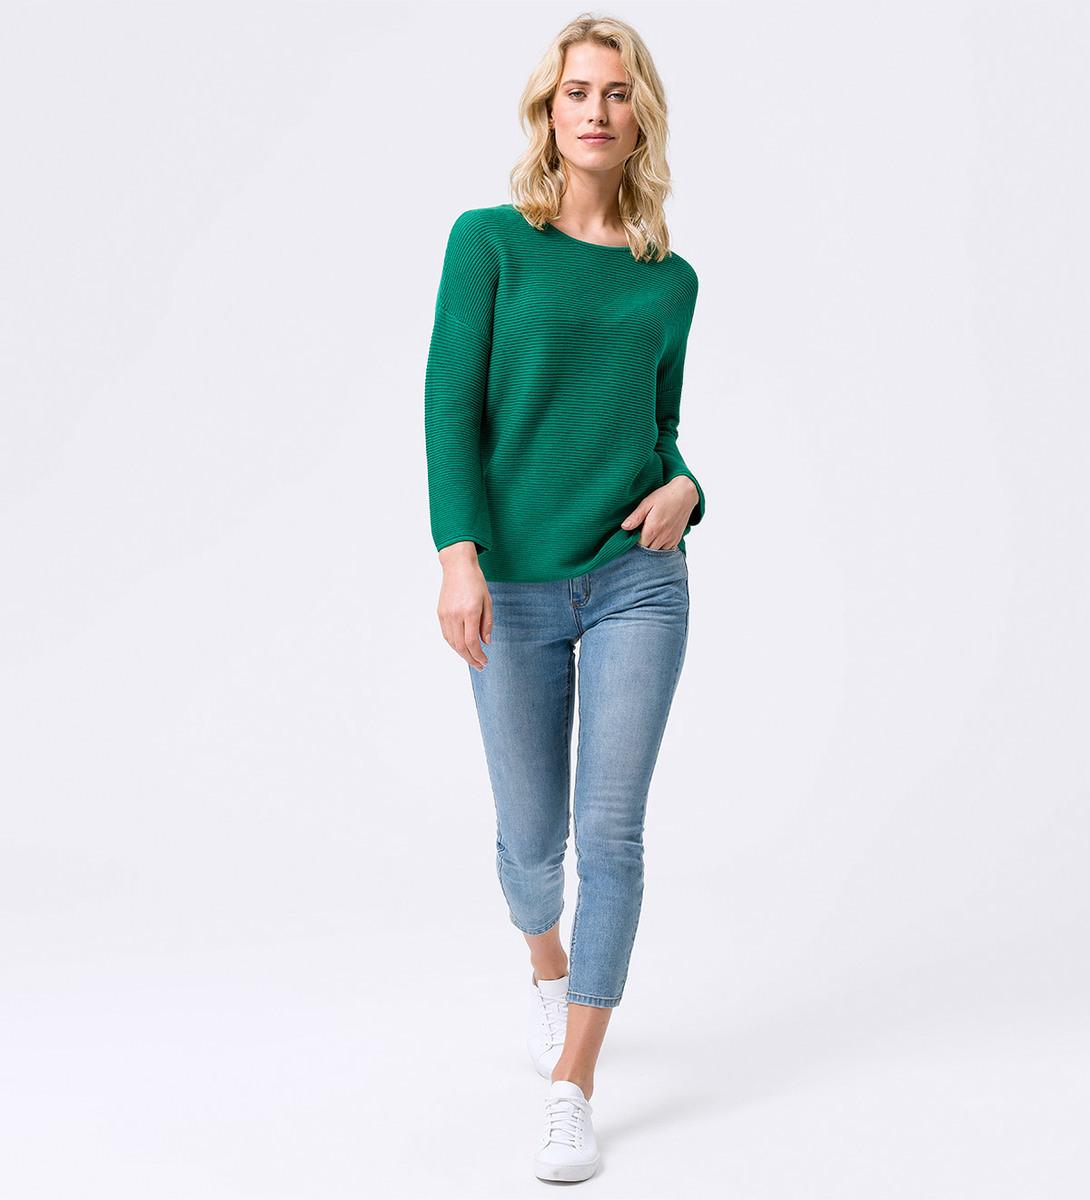 Pullover in Ripp-Optik in green